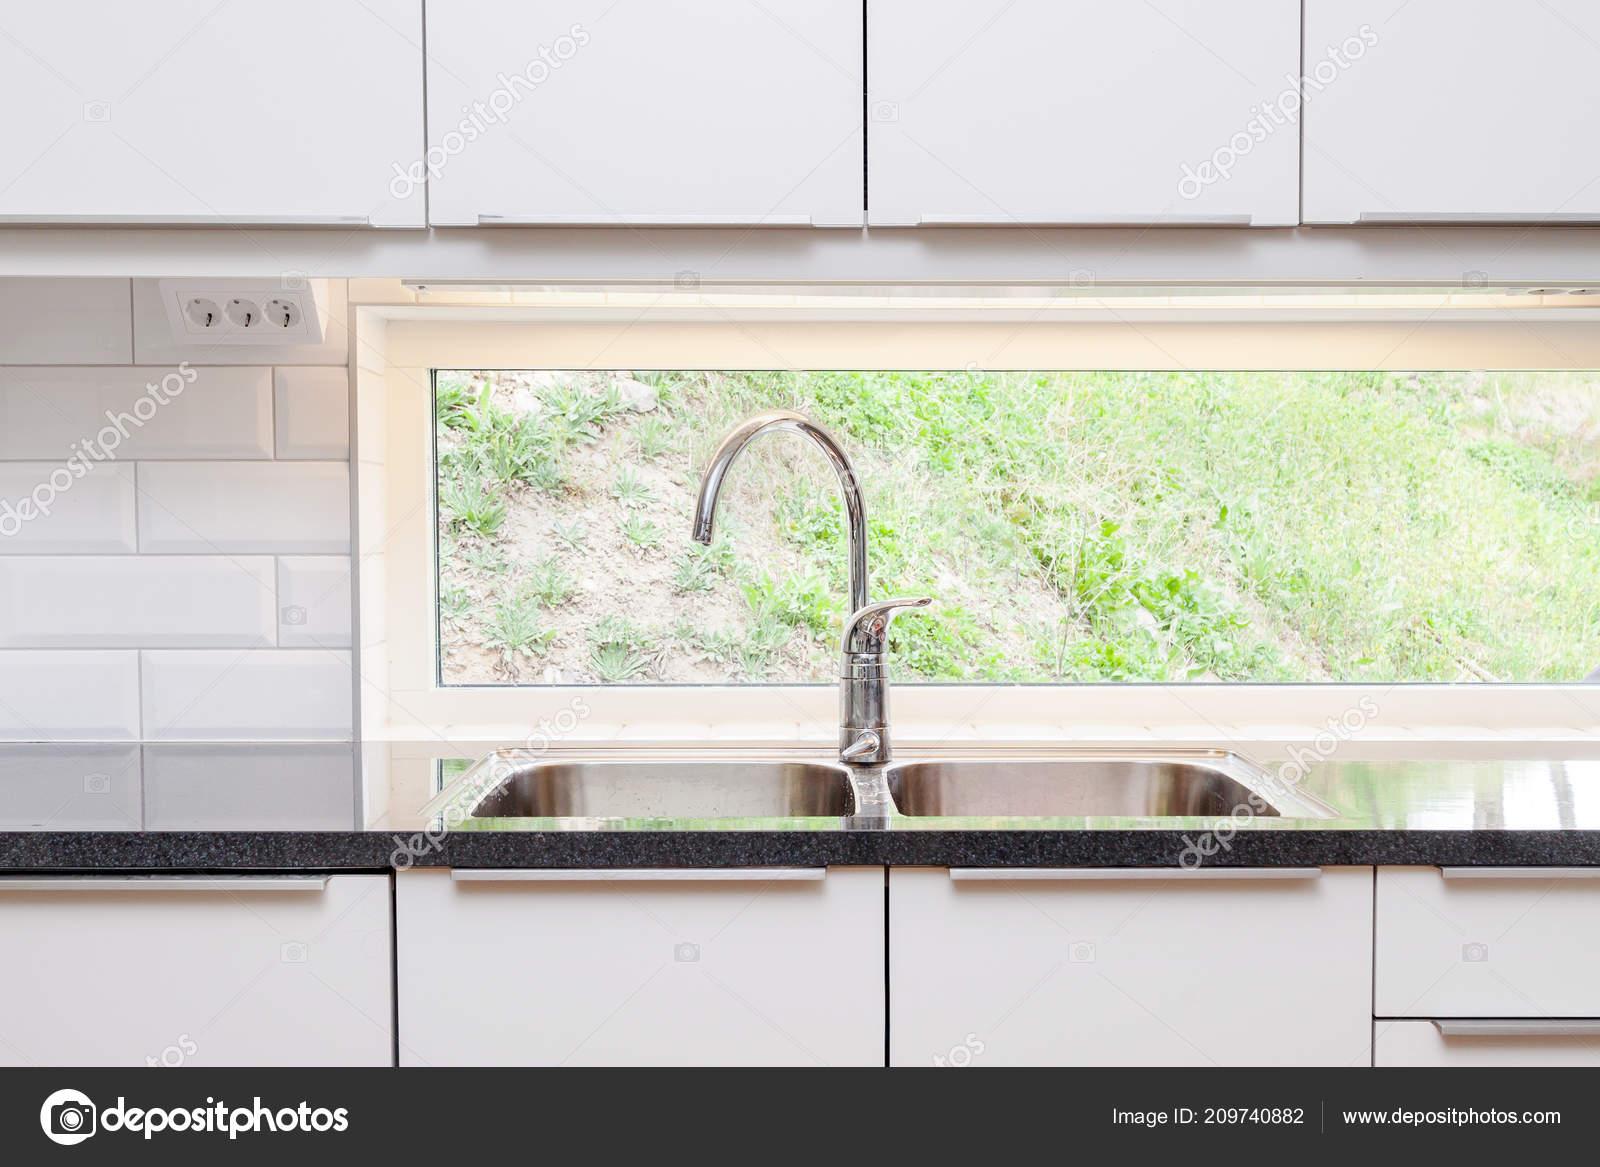 Kitchen Sink Window Background — Stock Photo ...